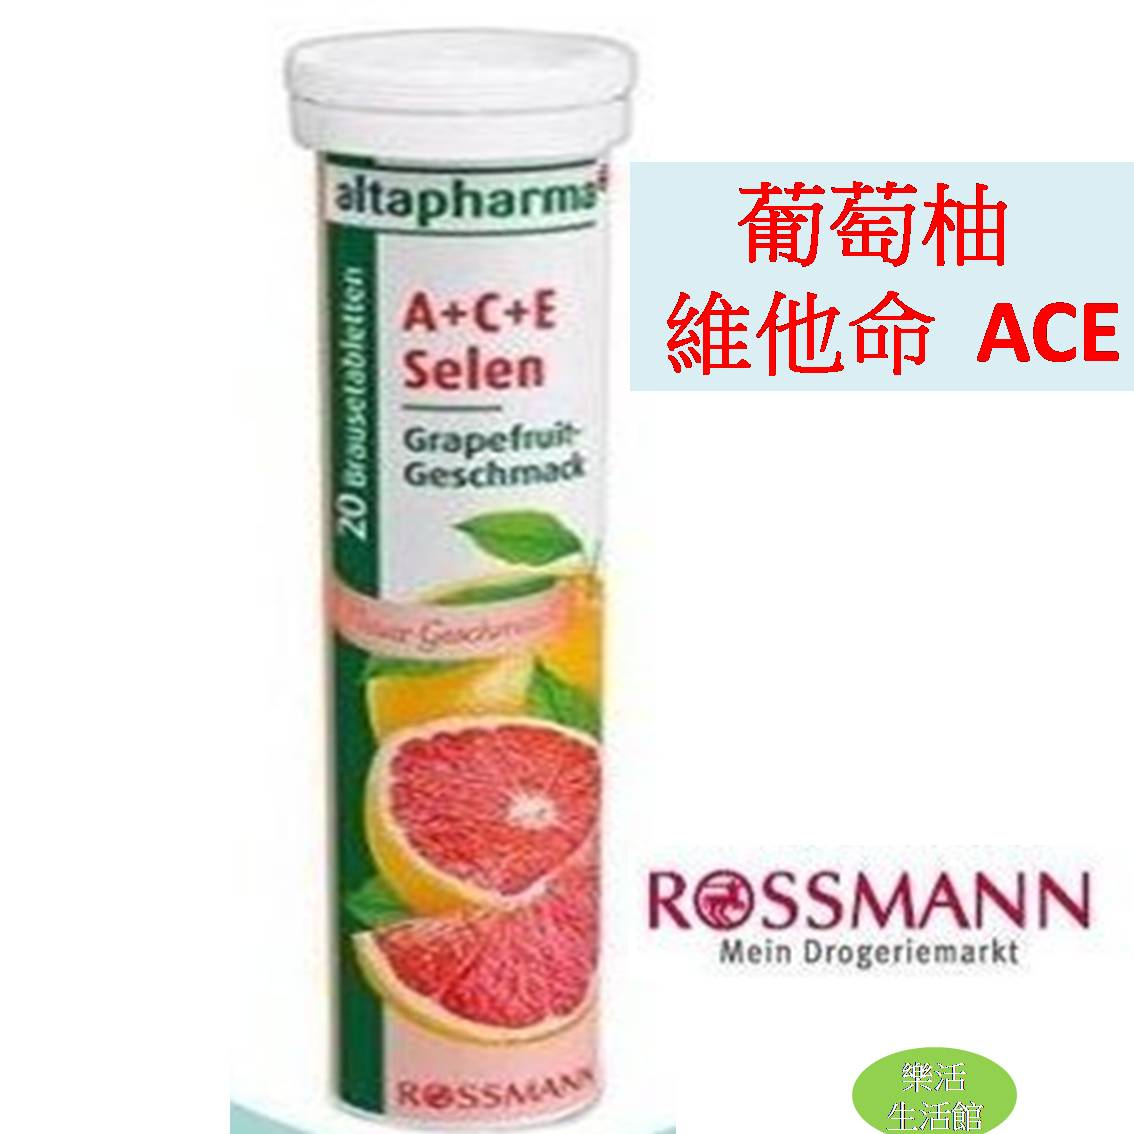 德國 ROSSMANN 發泡錠 維生素 A C E ^(葡萄柚^) 20錠~樂活 館~